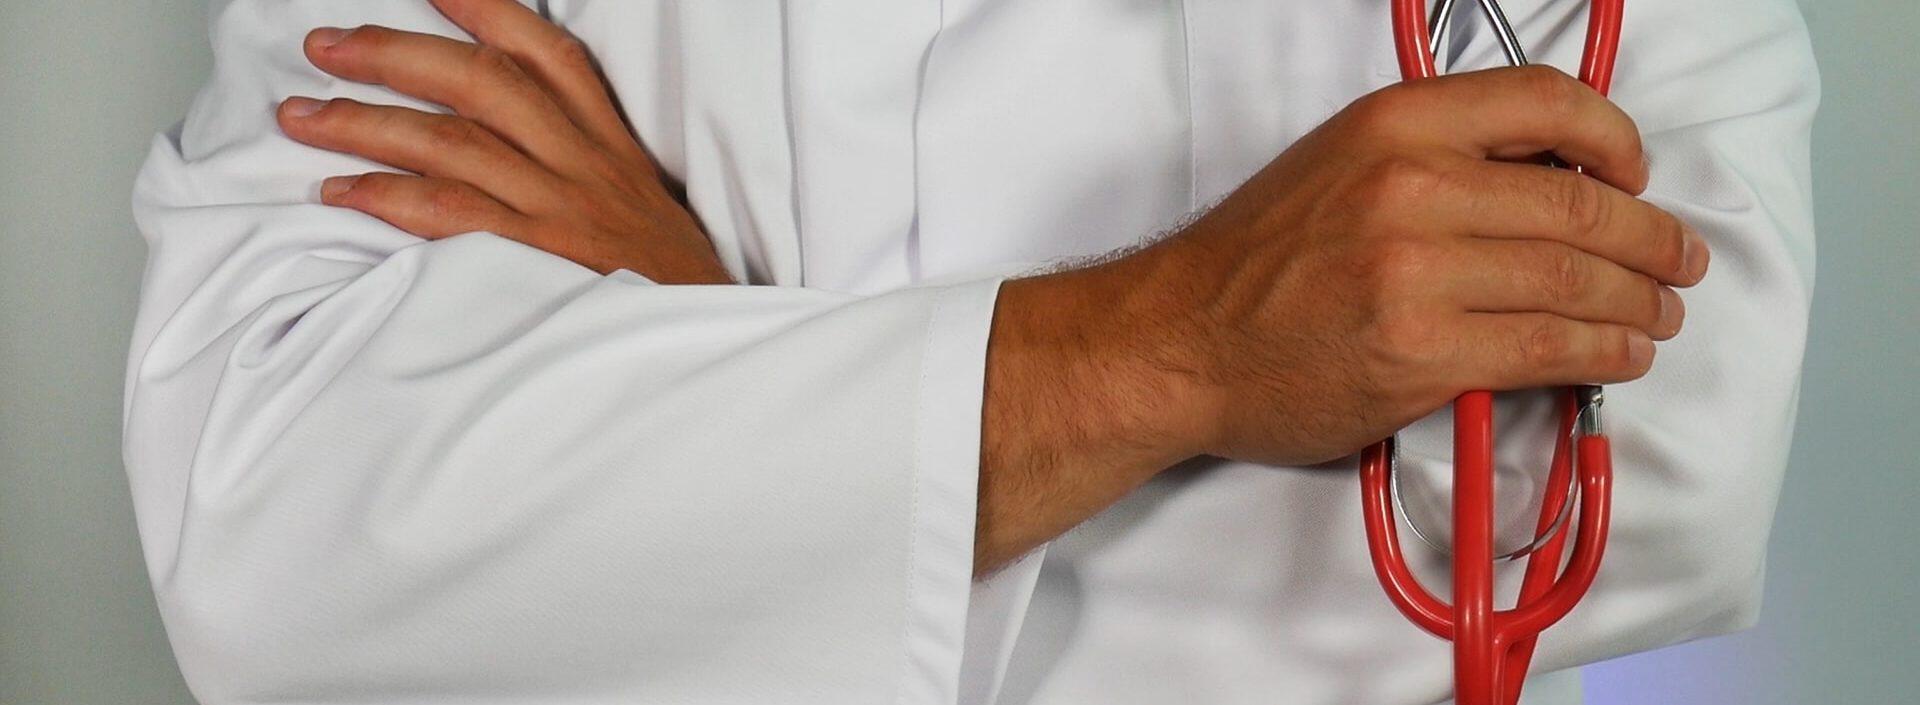 transpantacja czyli przeszczep narządów